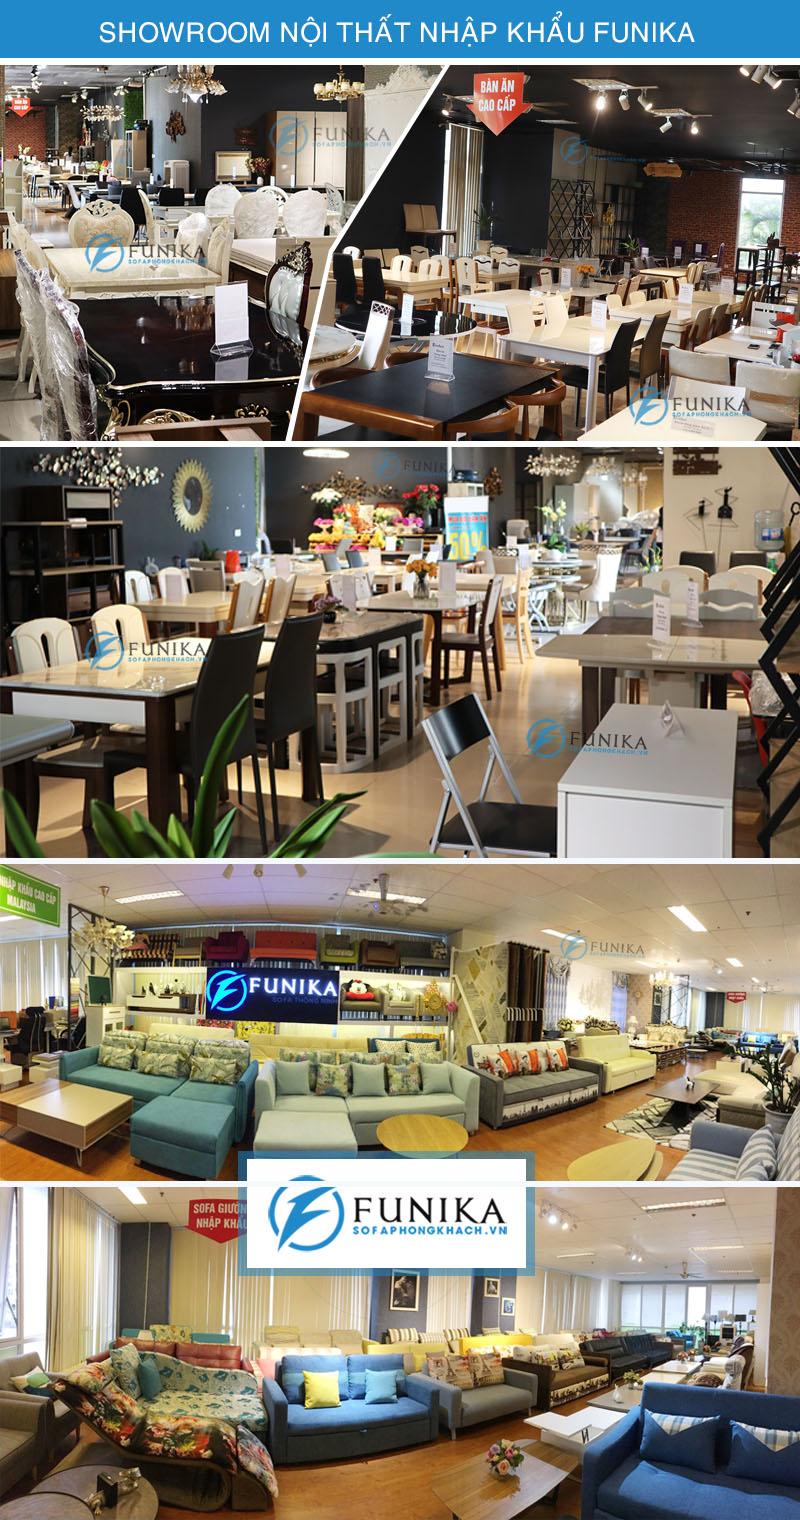 showroom nội thất nhập khẩu Funika